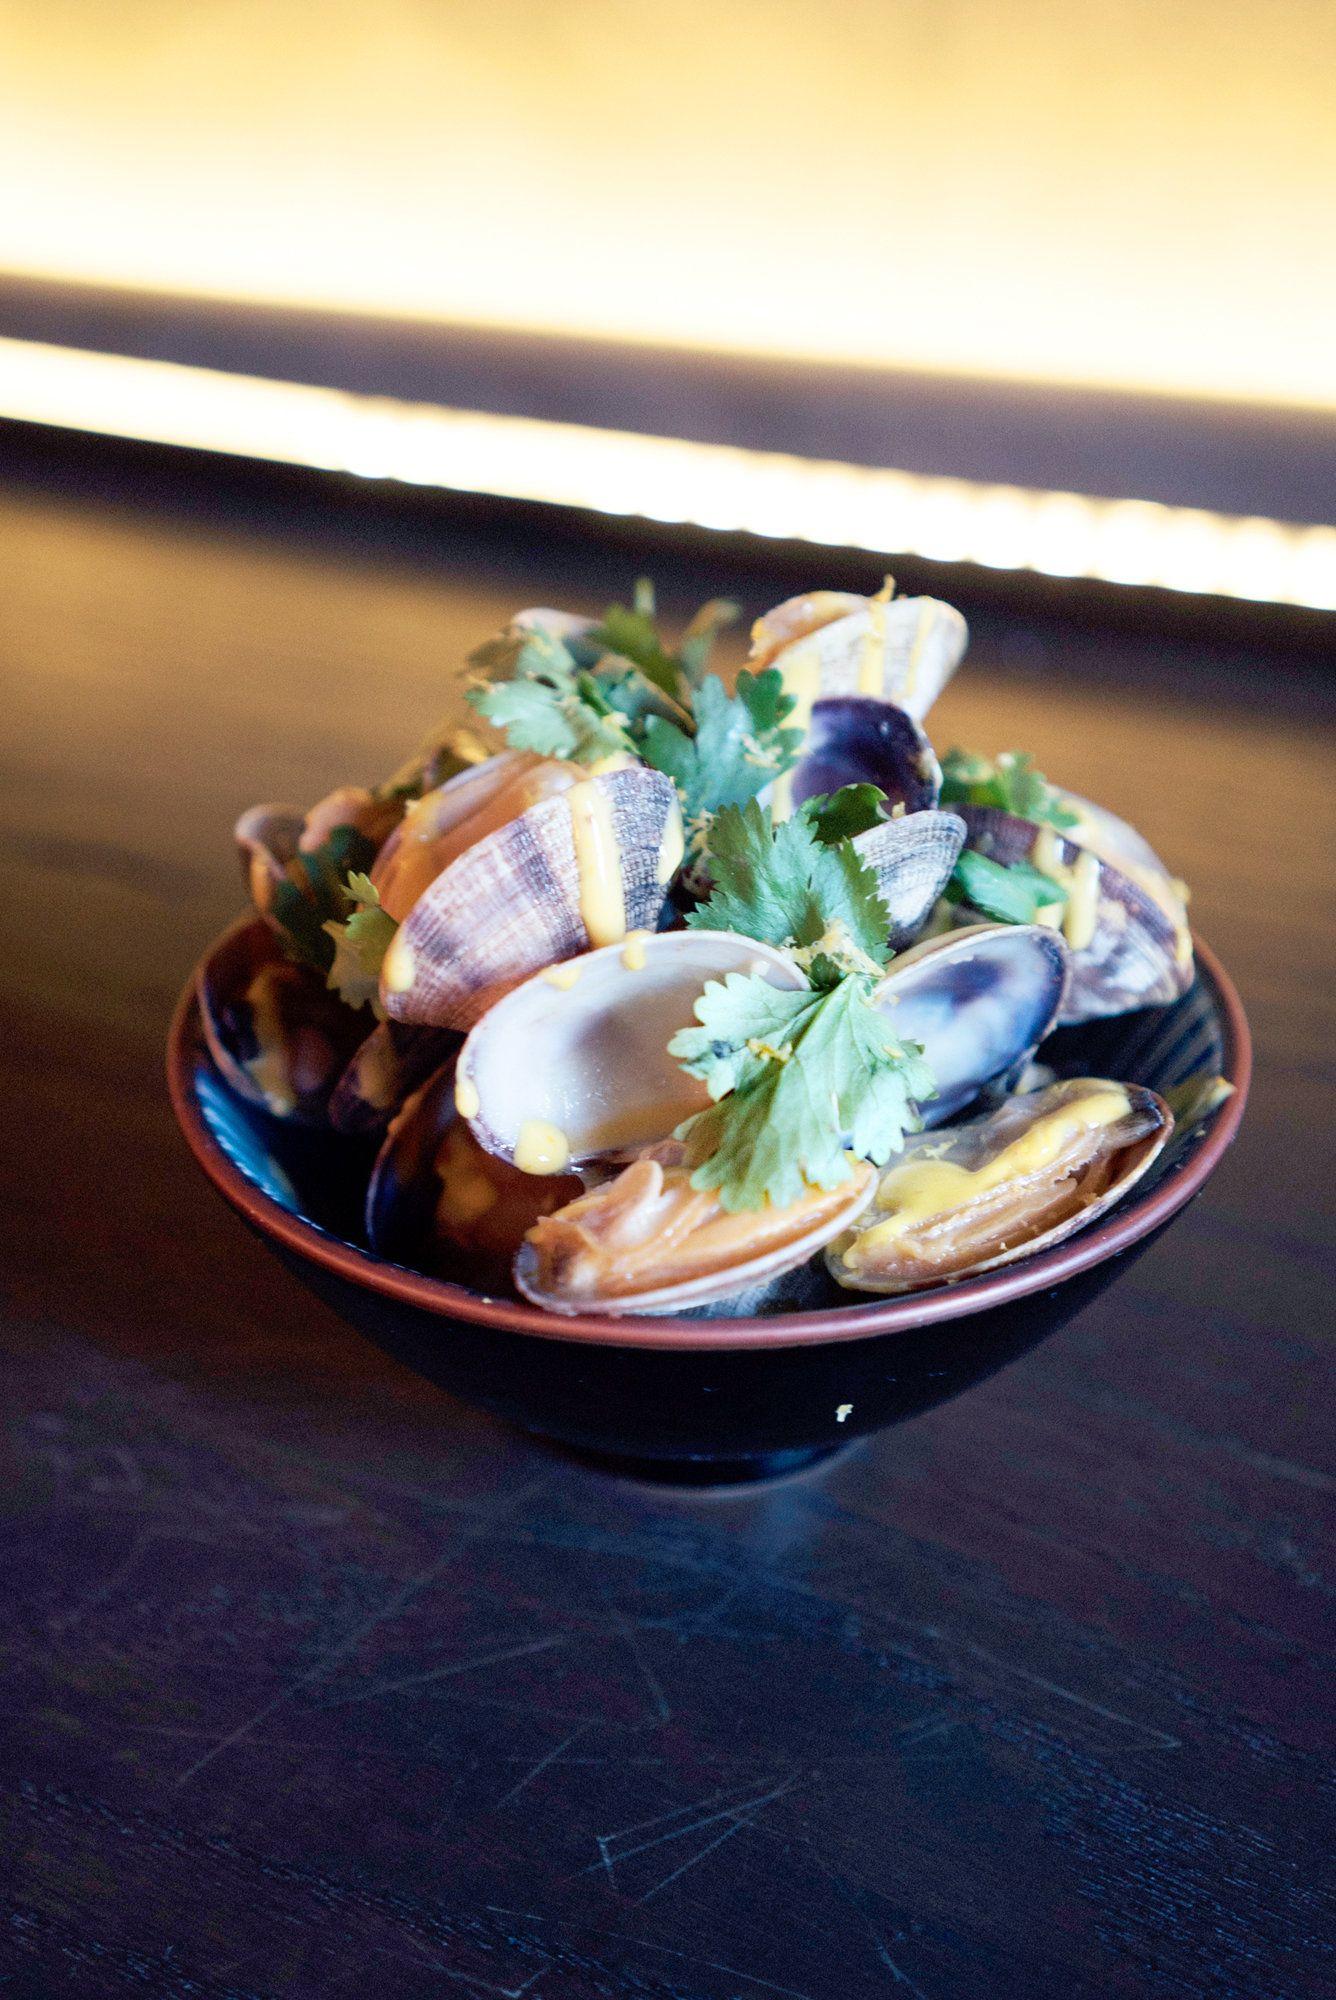 Restaurant Review: Mu Ramen In Long Island City, Queens